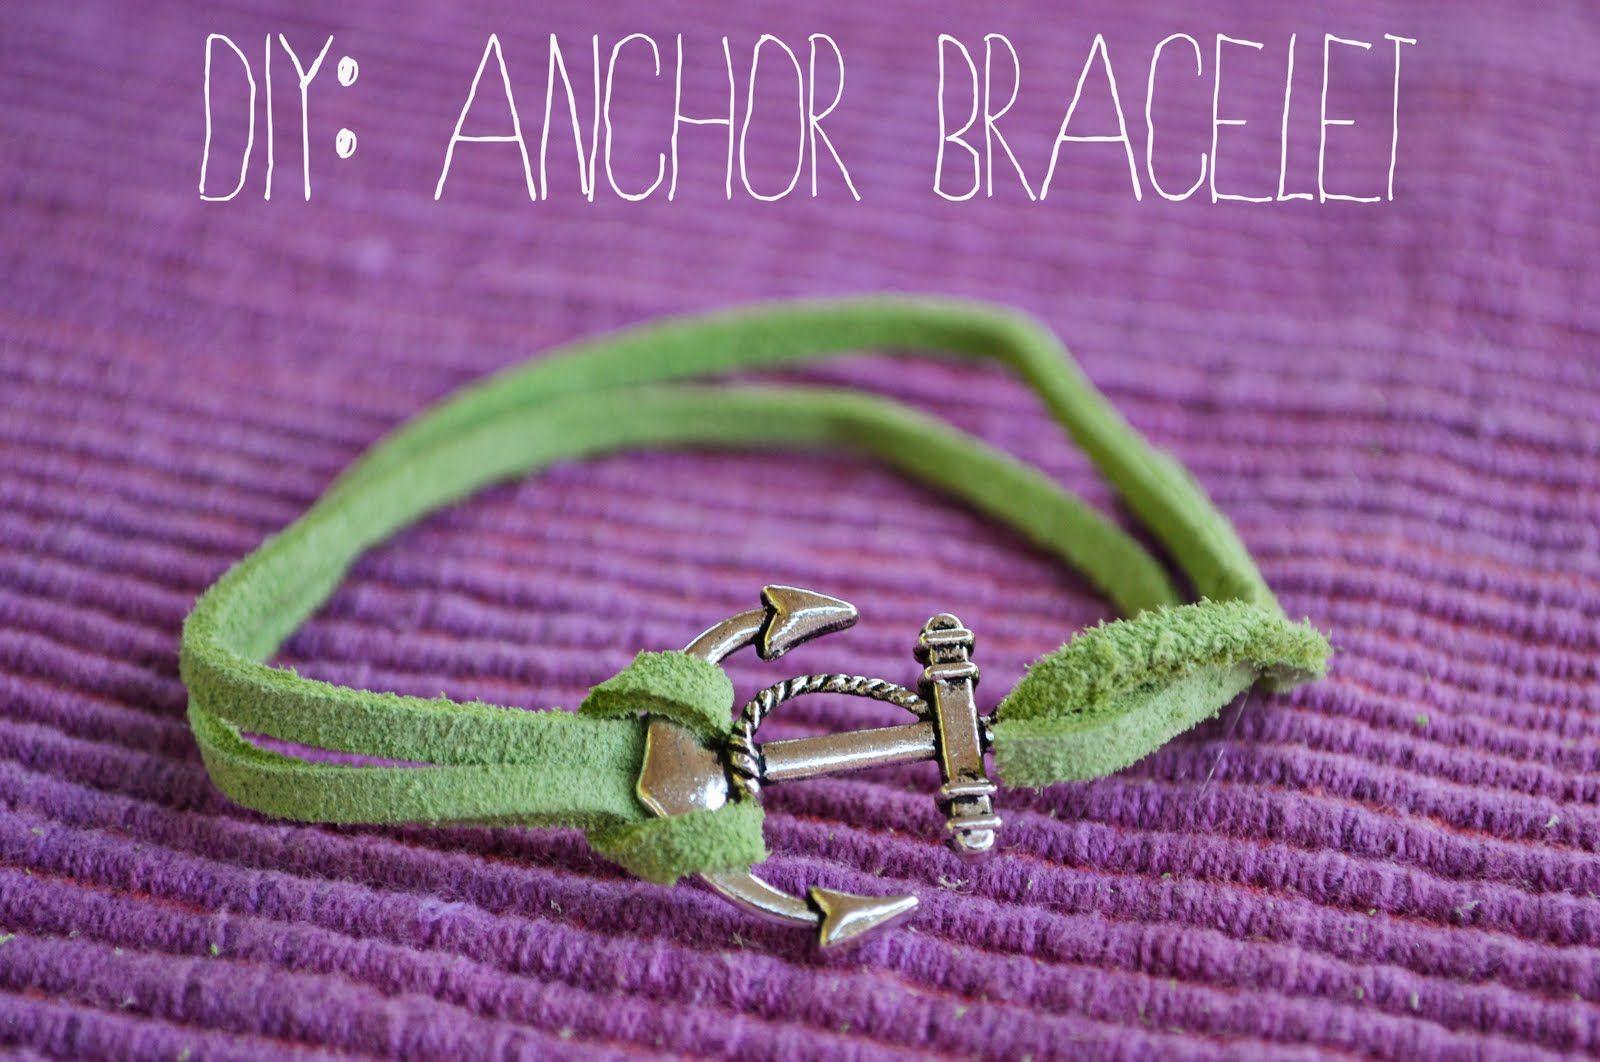 Ps diy anchor bracelet crafts pinterest girls camp